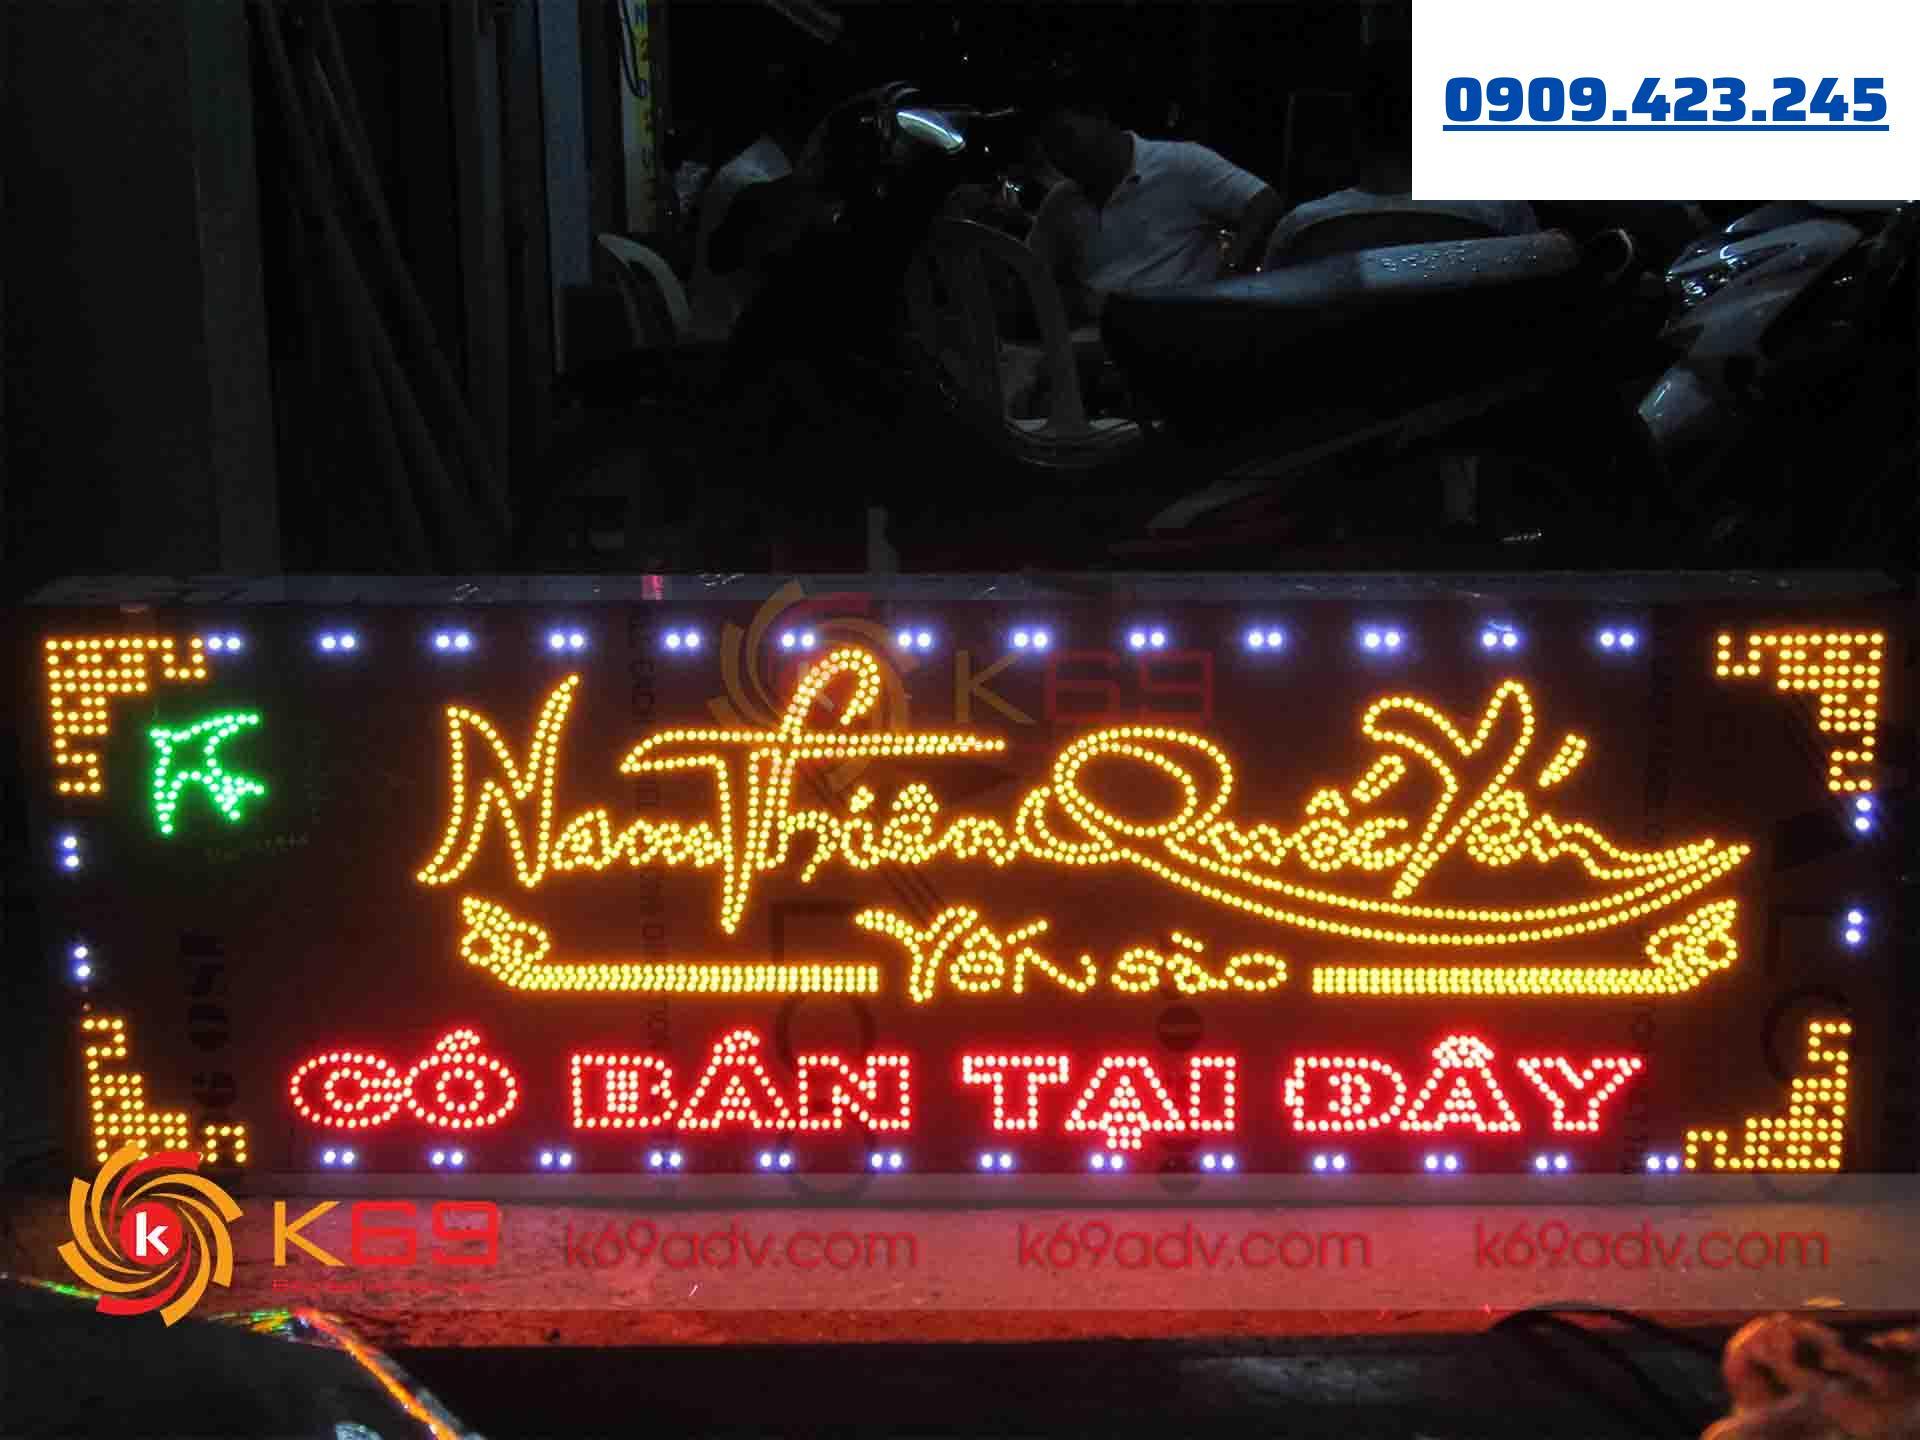 Mẫu làm bảng hiệu tại huyện Củ Chi - chất liệu LED